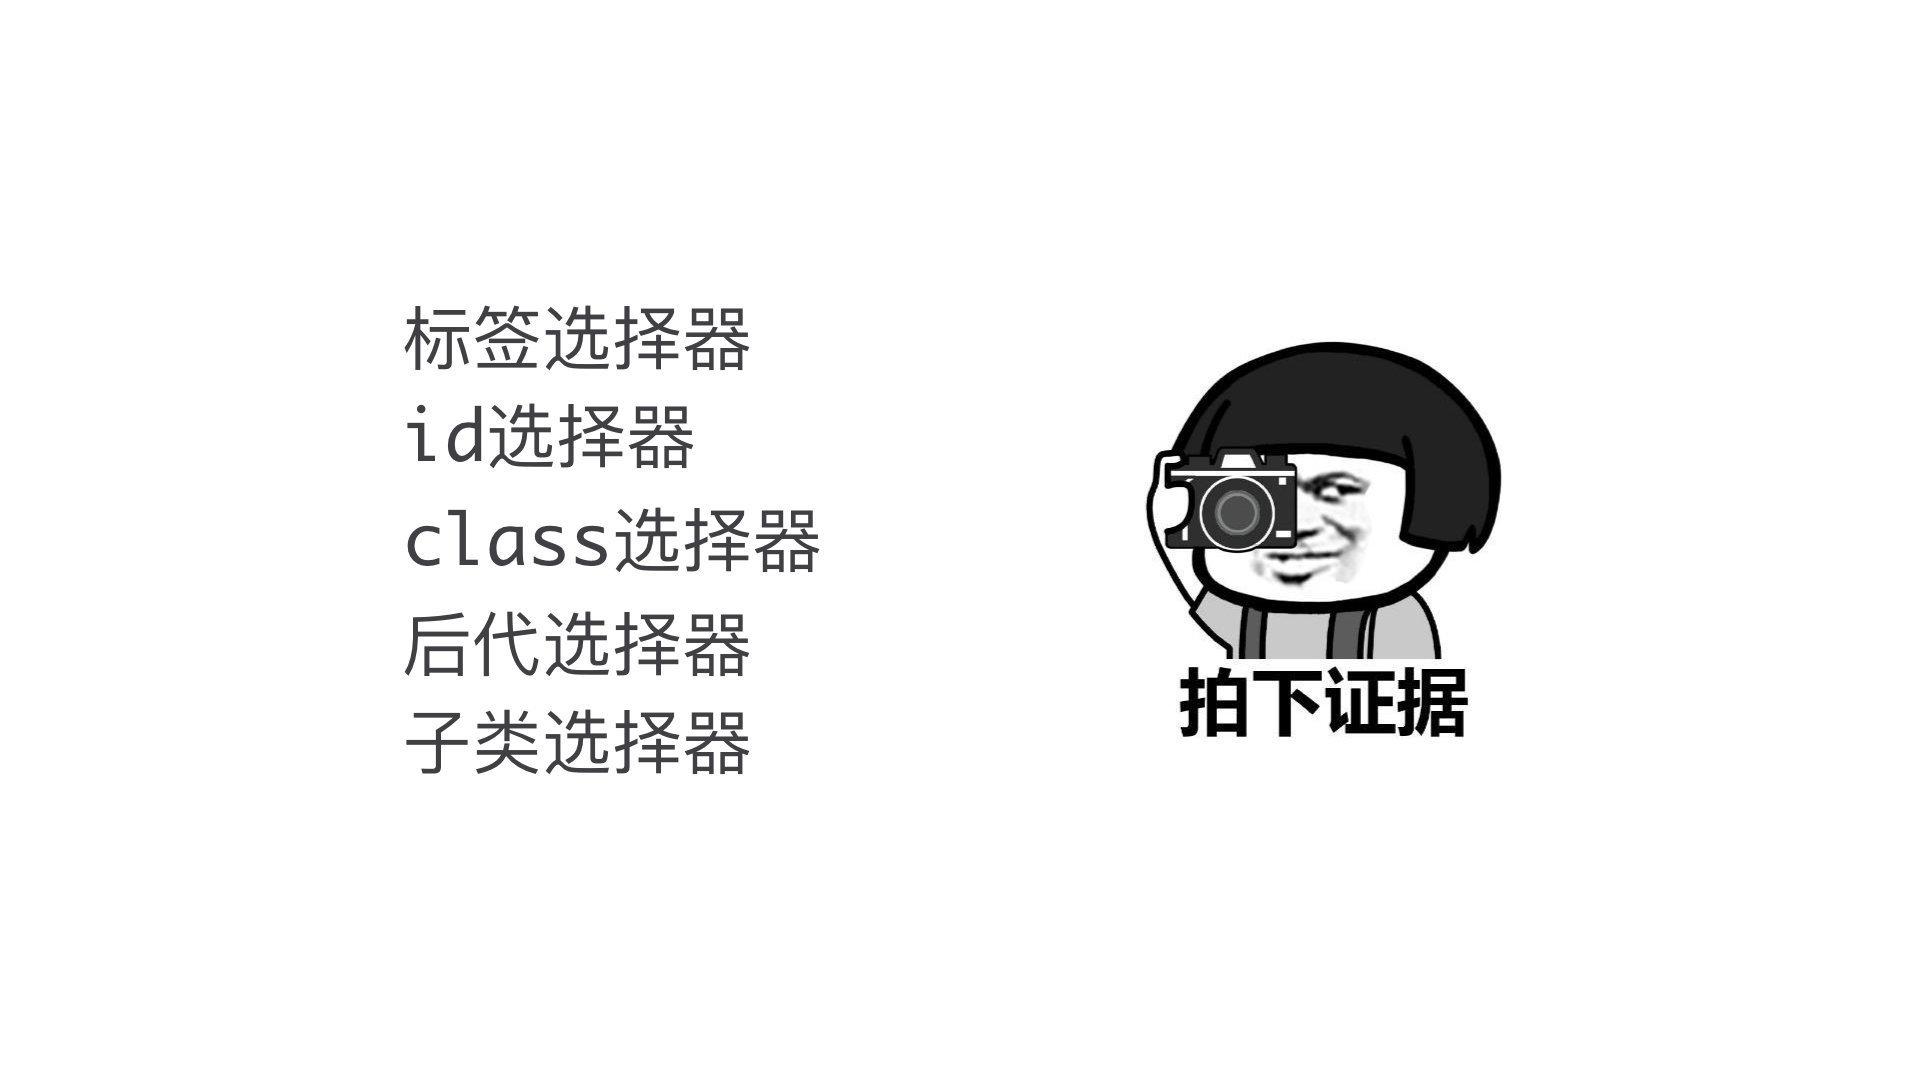 CSS的常用基础选择器